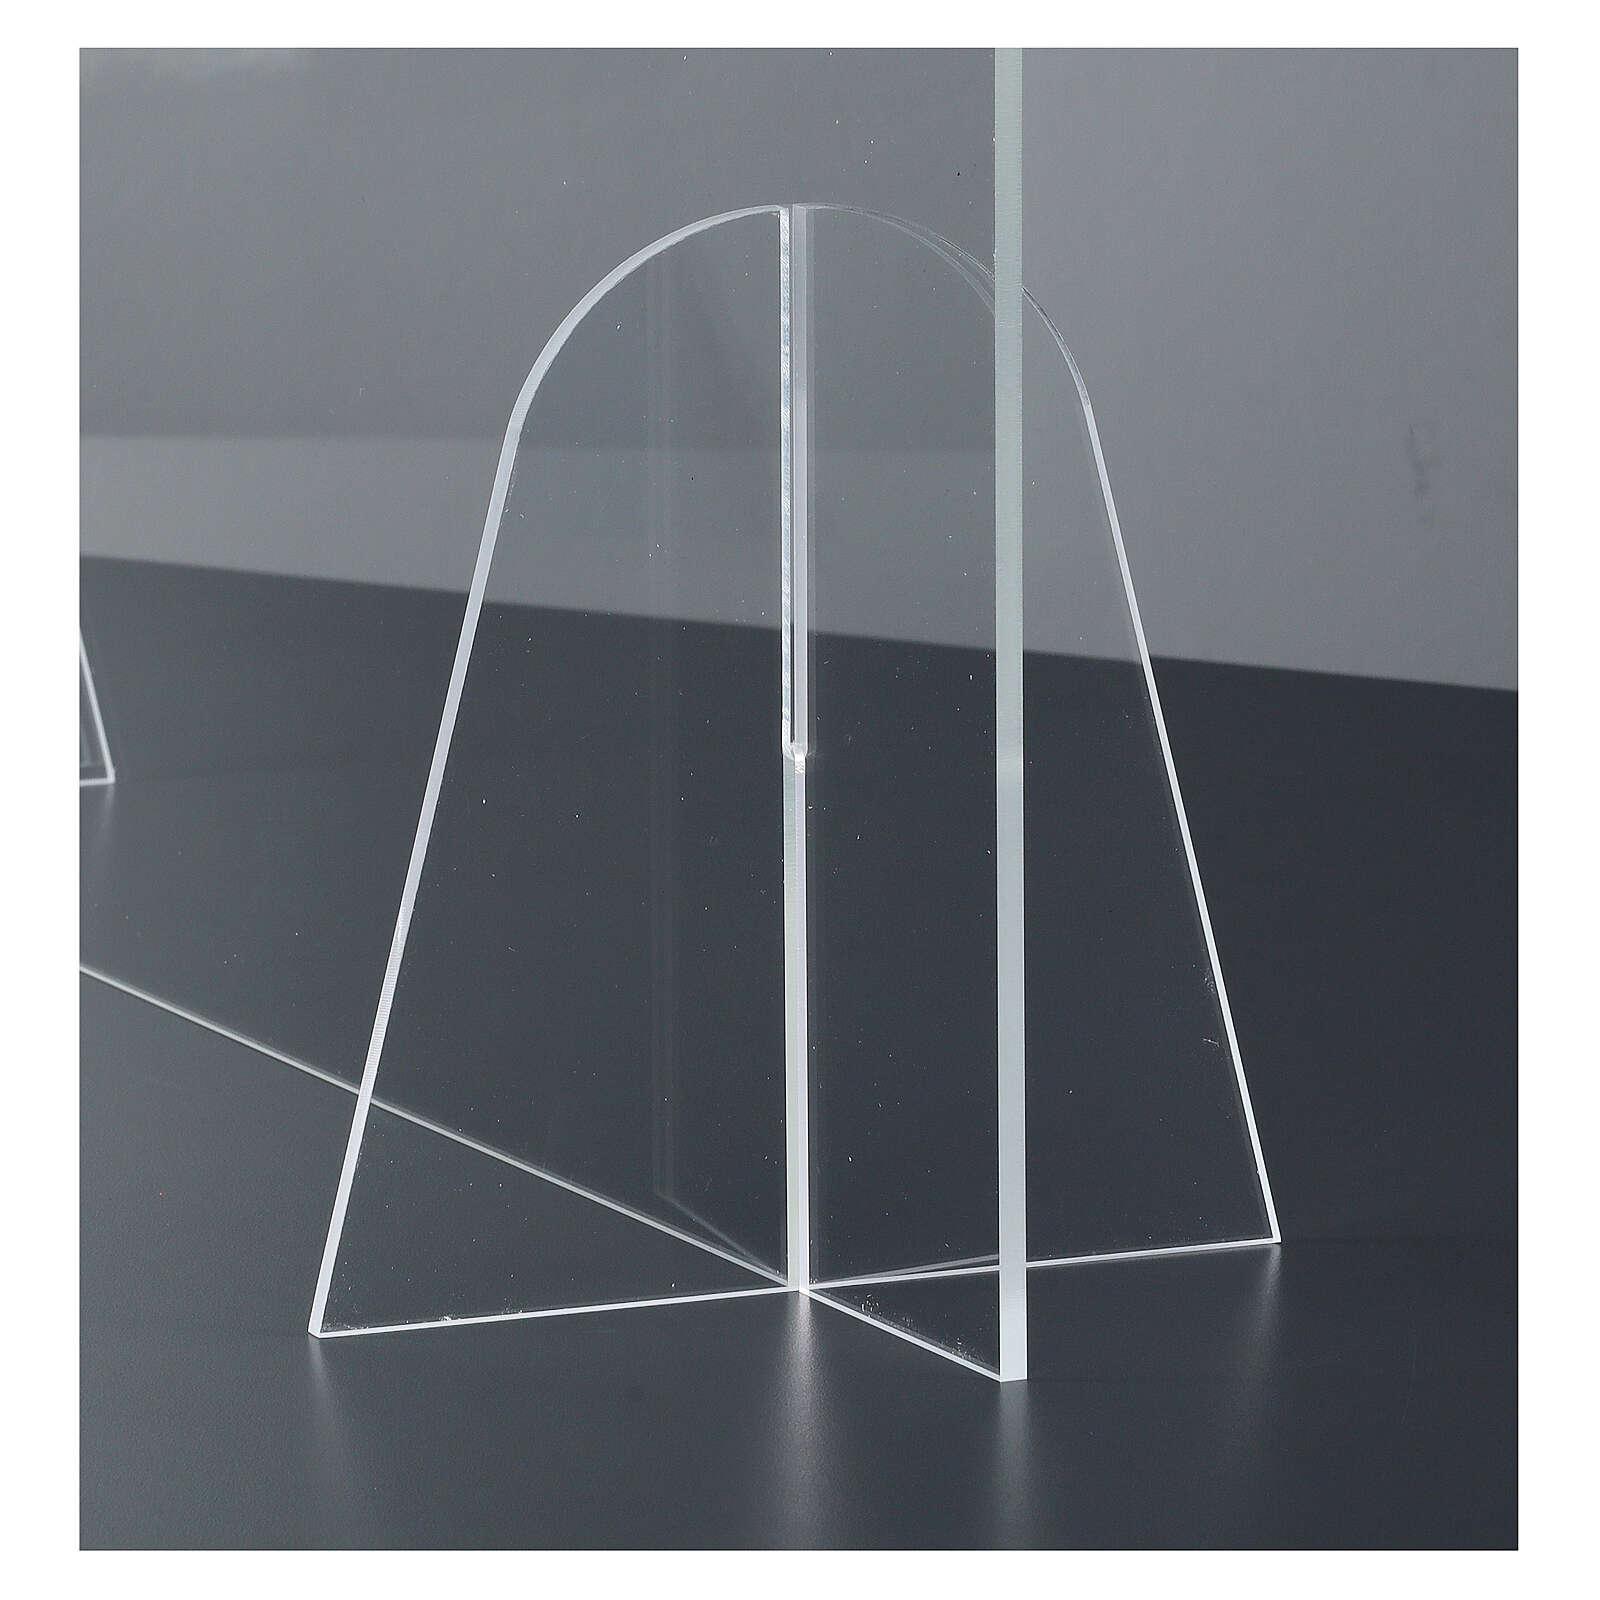 Barreira de proteção anti-contágio de mesa Design Gota acrílico 50x70 cm 3